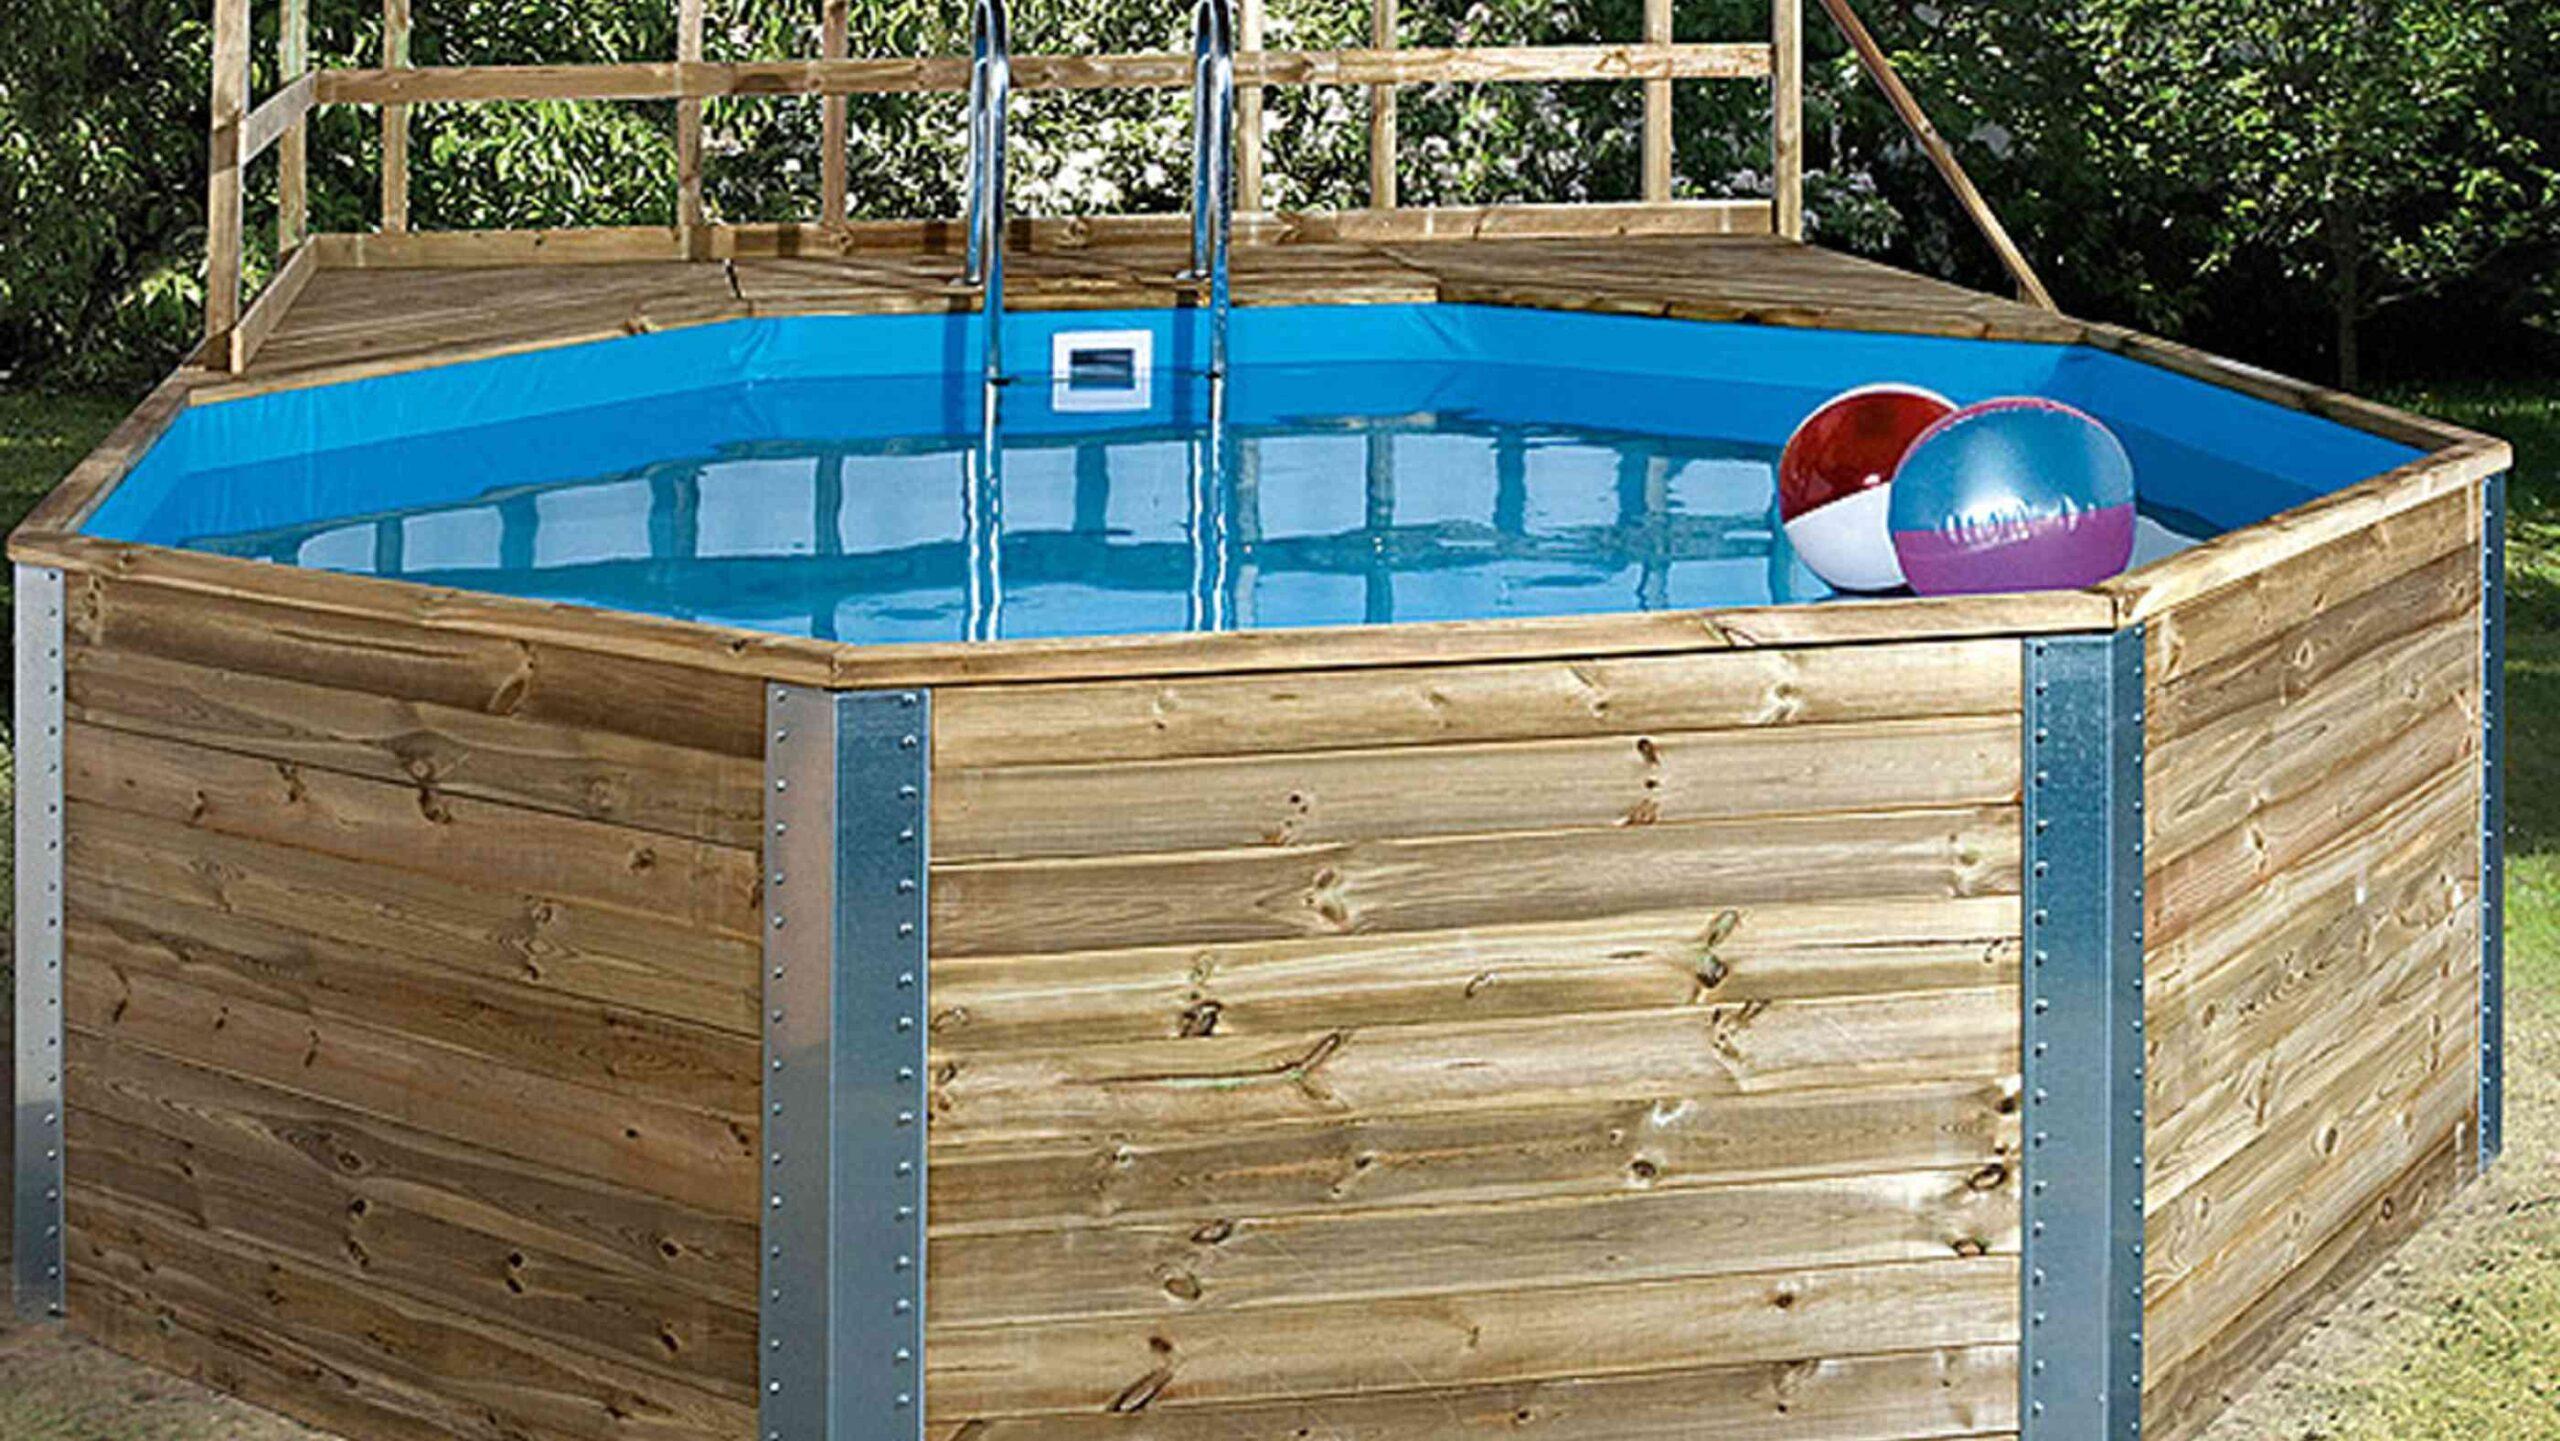 Full Size of Pool Selber Bauen Im Garten So Klappt Das Eigene Schwimmbad Bett 180x200 Kopfteil Velux Fenster Einbauen 140x200 Zusammenstellen Machen Dusche Bodengleiche Wohnzimmer Pool Selber Bauen